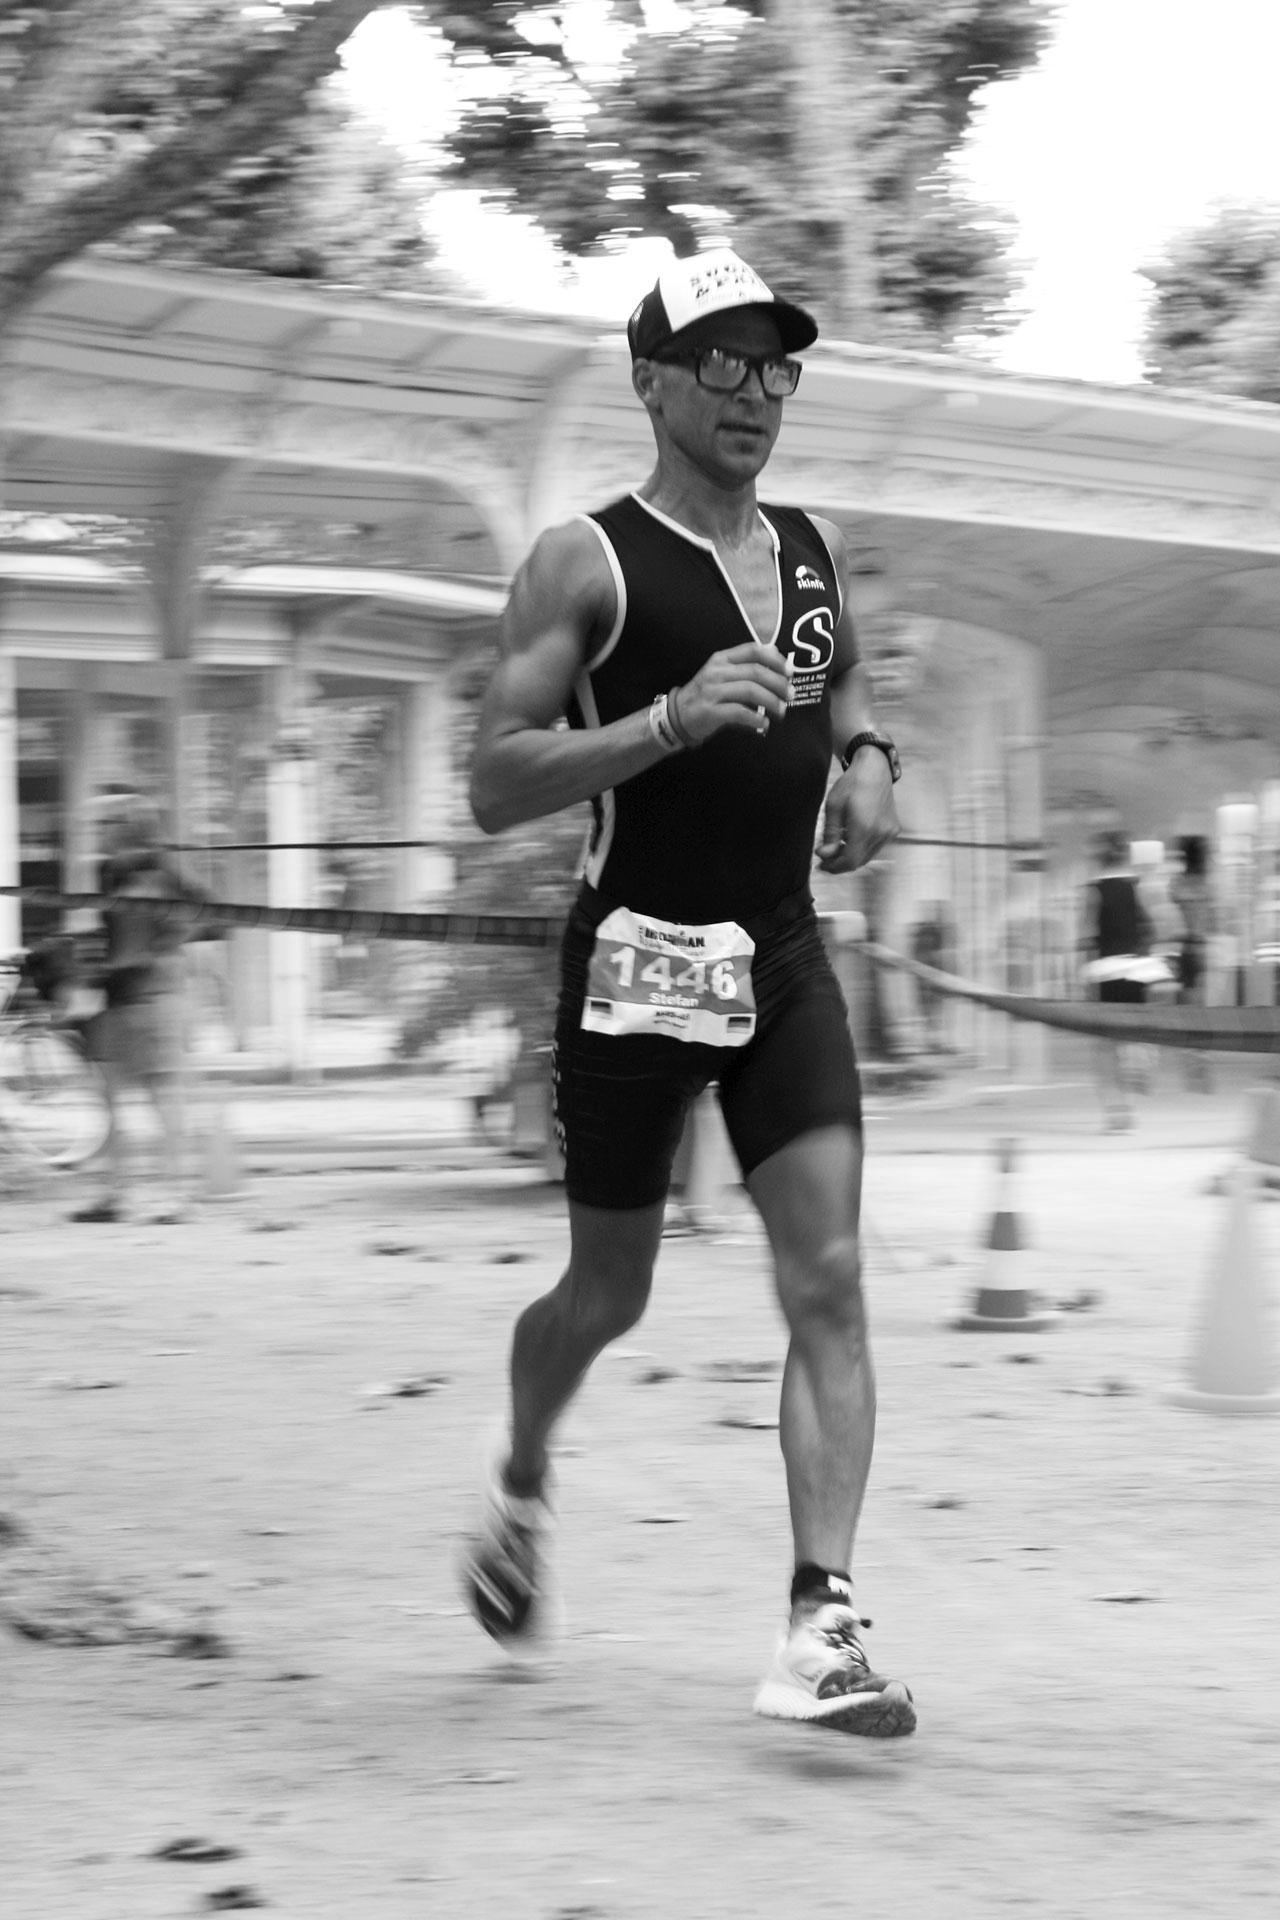 IRONMAN VICHY 2016 The Story: Die Beine sind auch im Marathon locker und schnell läuft's durchdie Galerien des Parc de l'Opèra ©stefandrexl.de